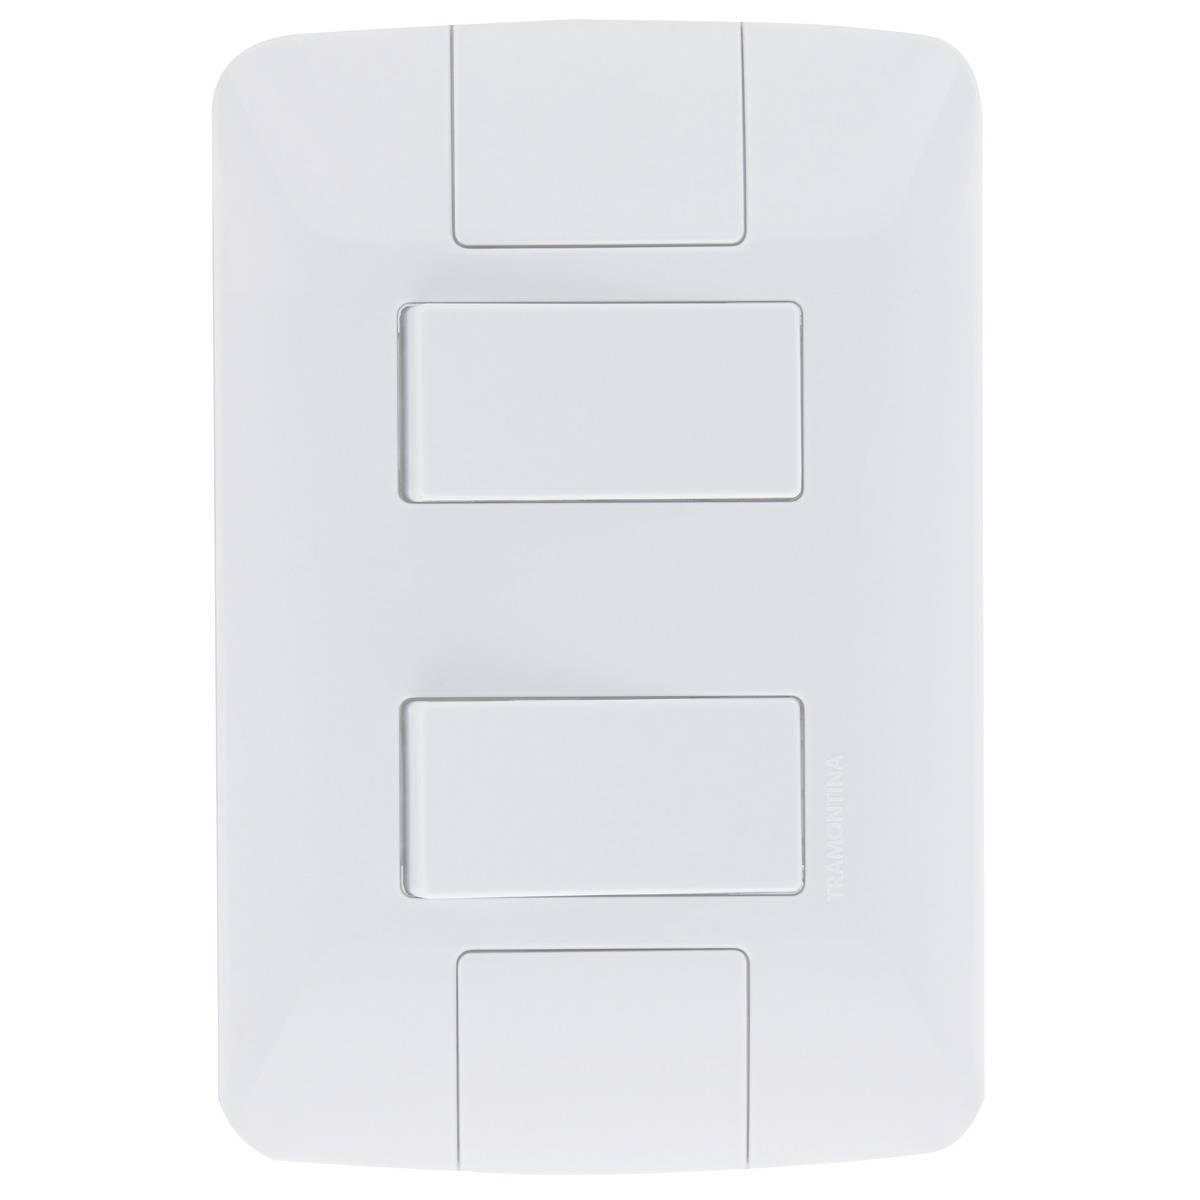 Conjunto Montado Aria 4x2 2 Interruptores Simples 6A 250v Af - LCGELETRO